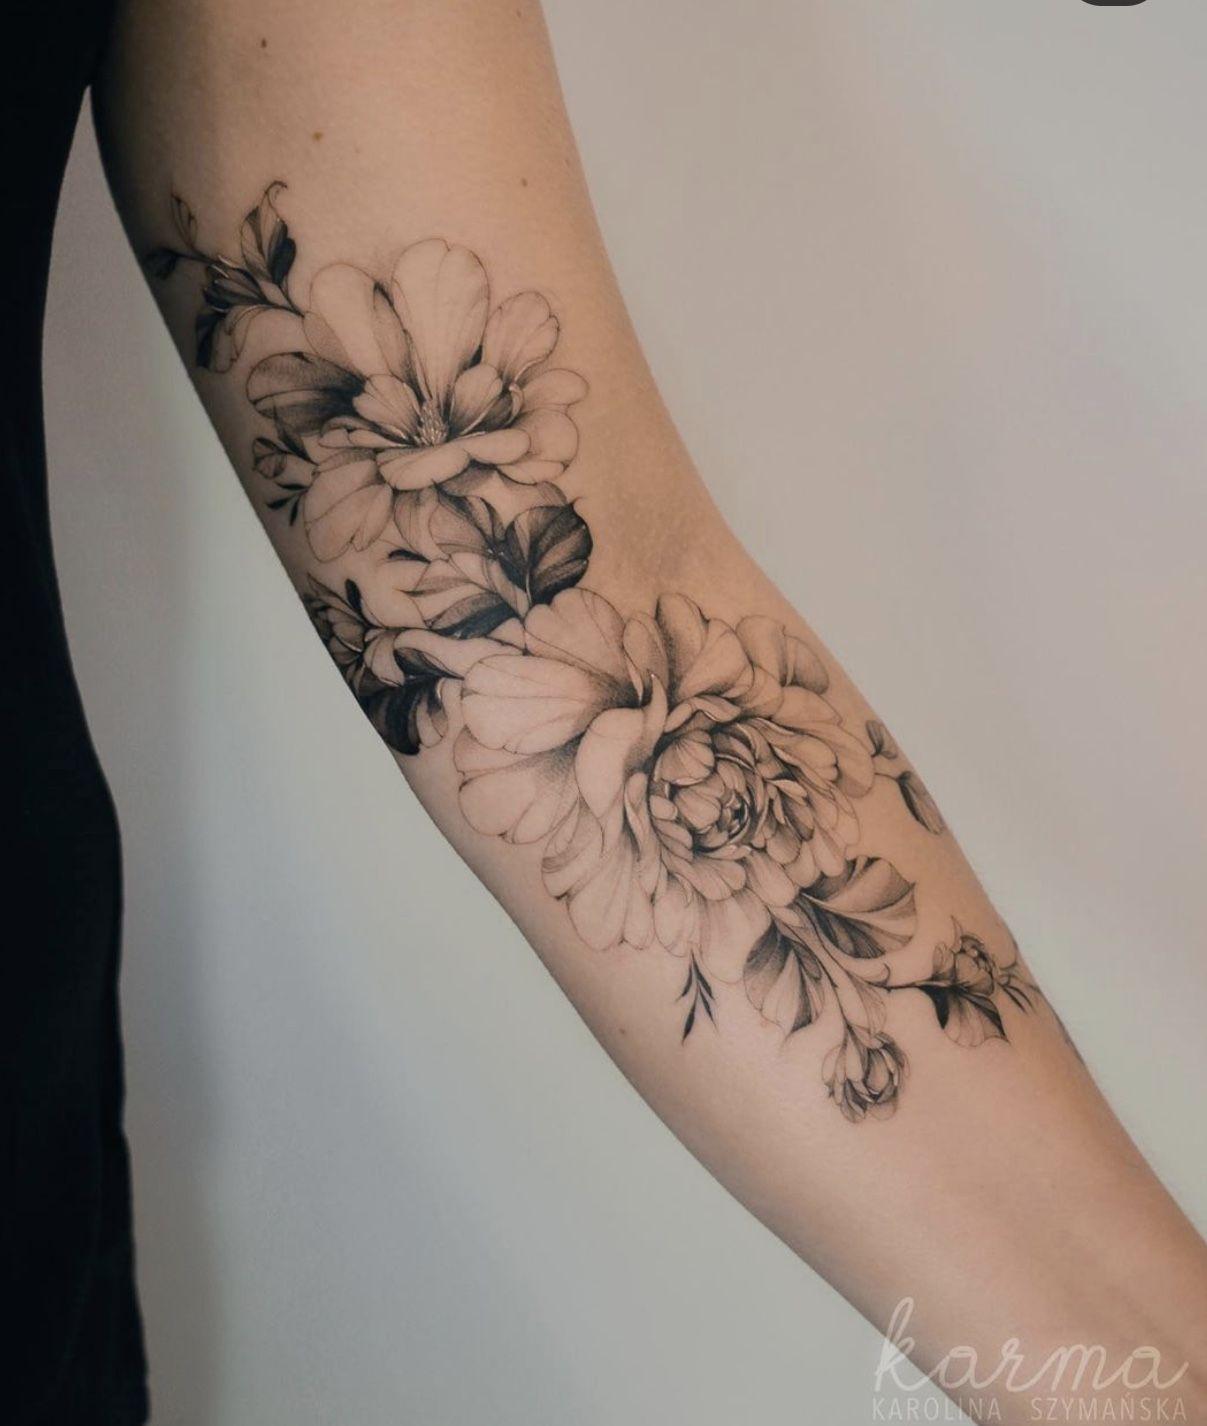 Unterarm filigran tattoo frau Welche Körperstelle